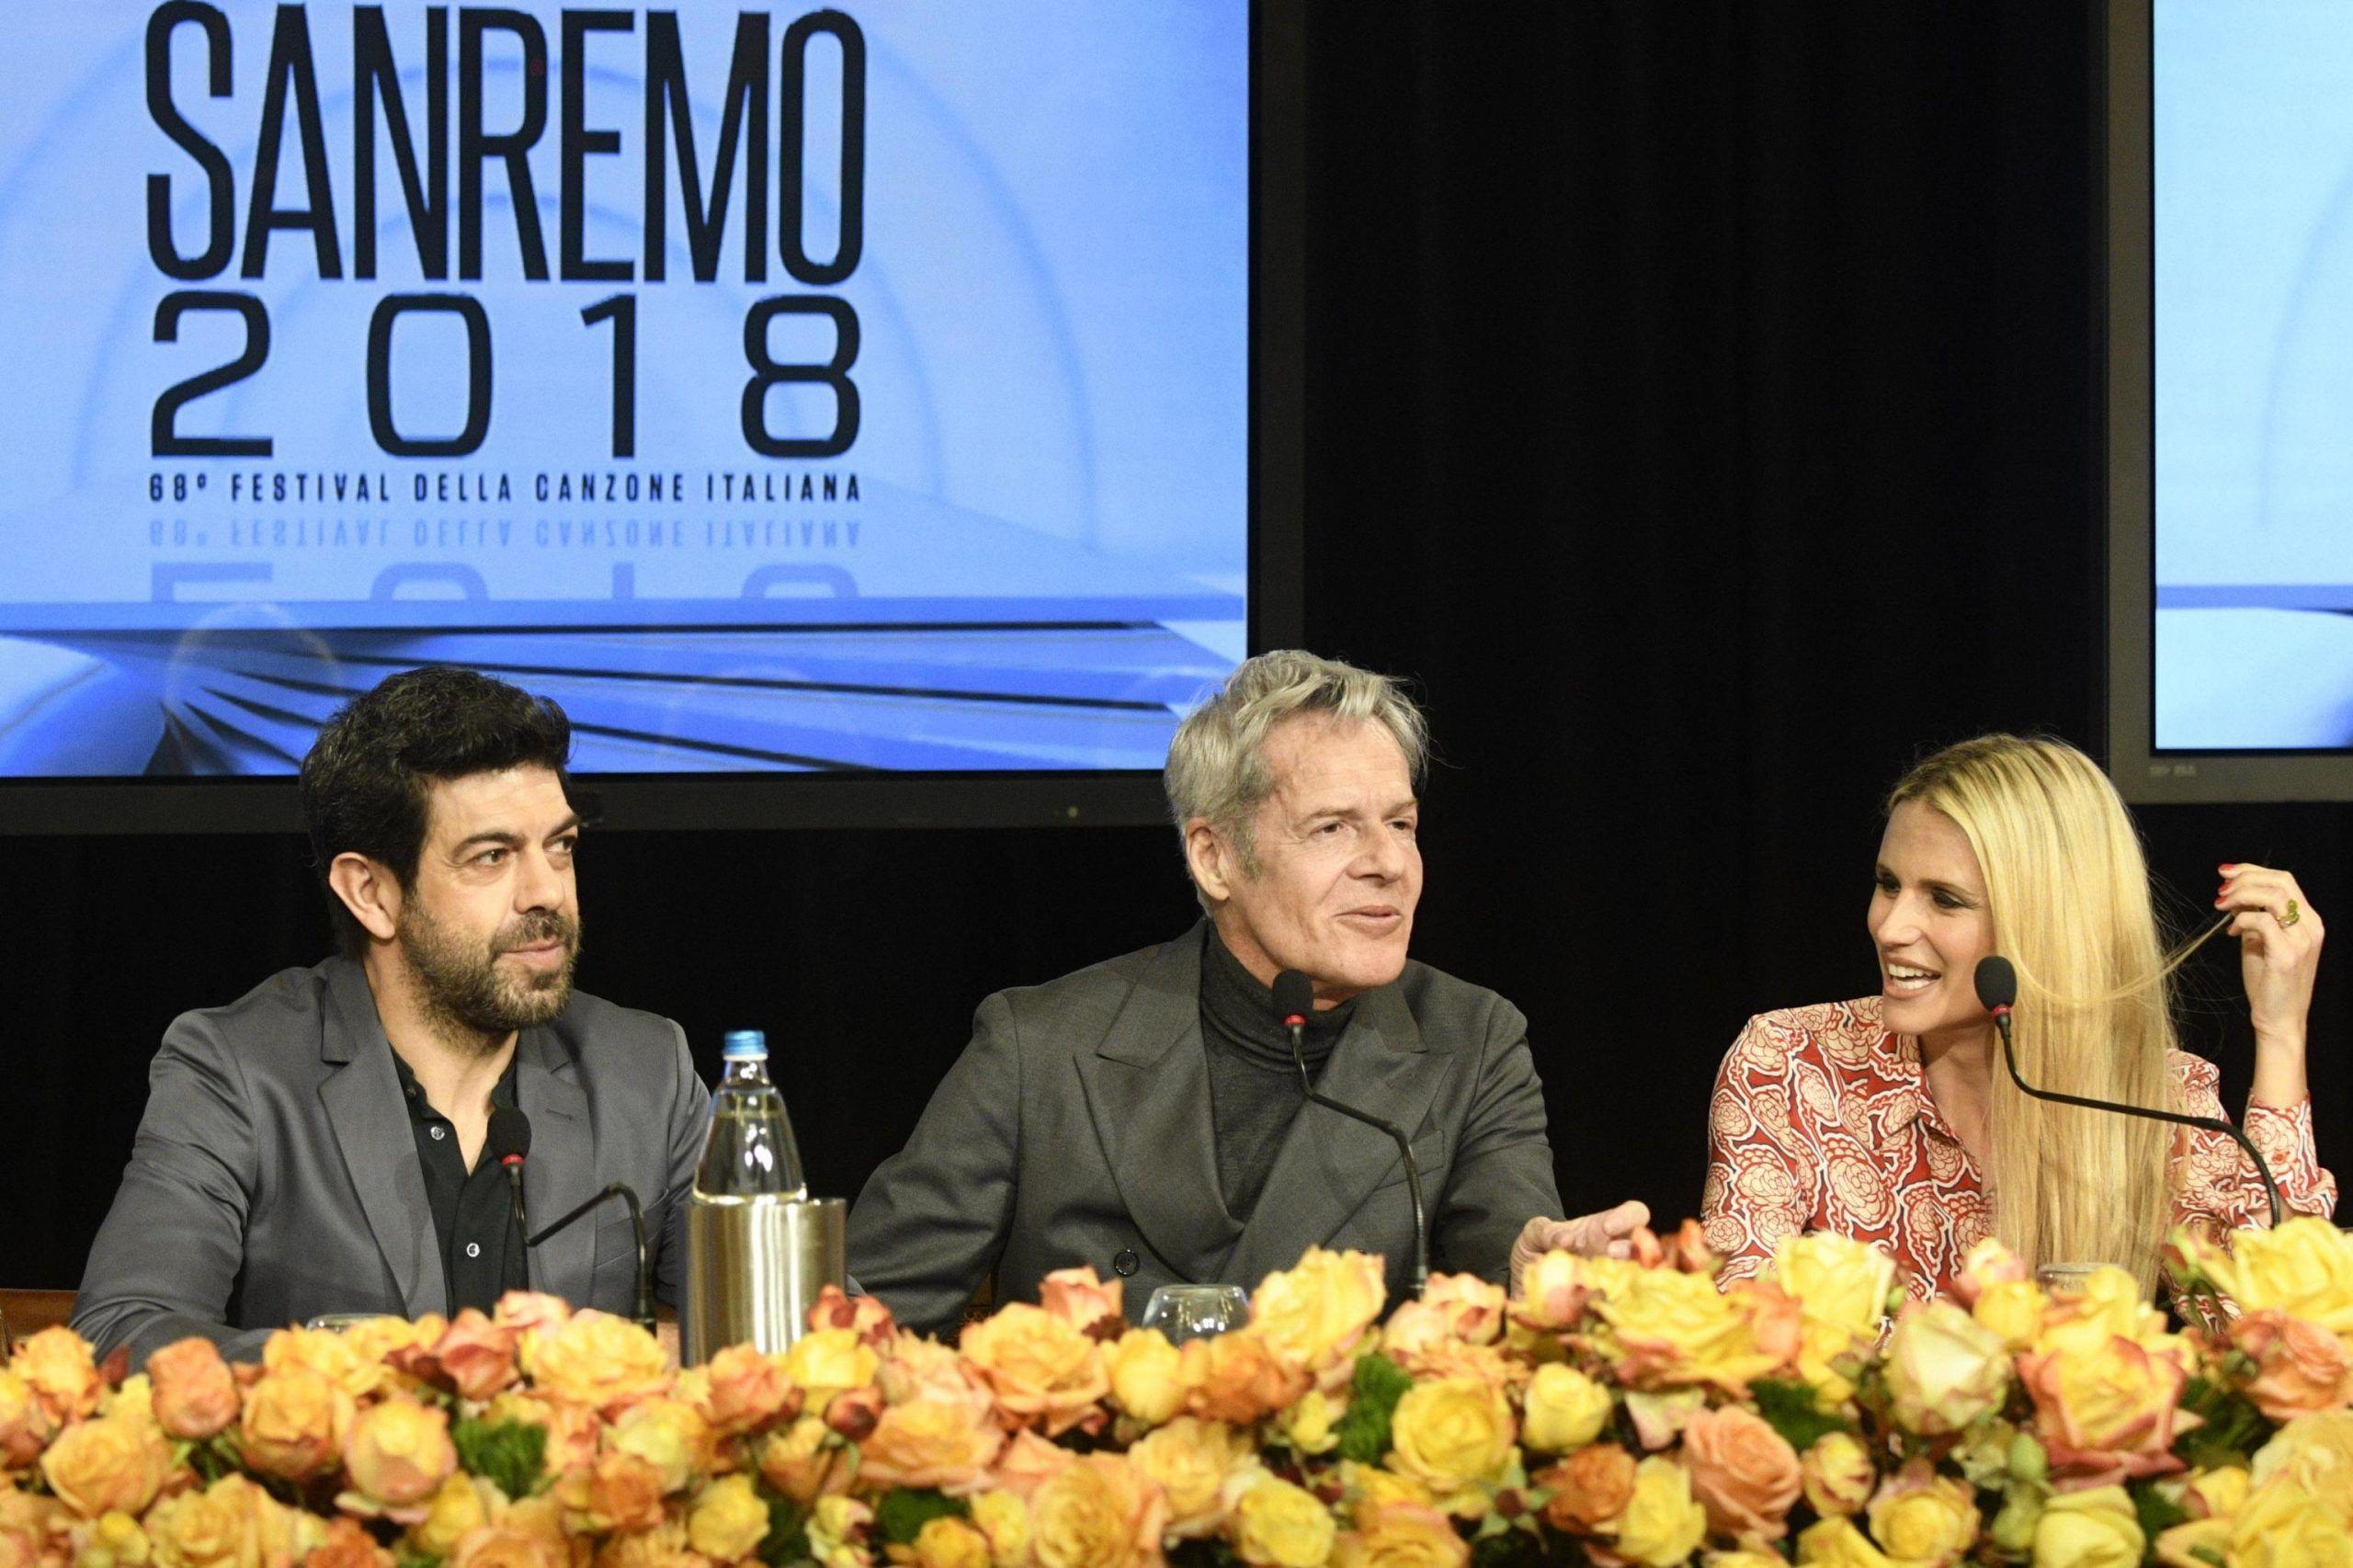 Sanremo 2018 compensi dei conduttori